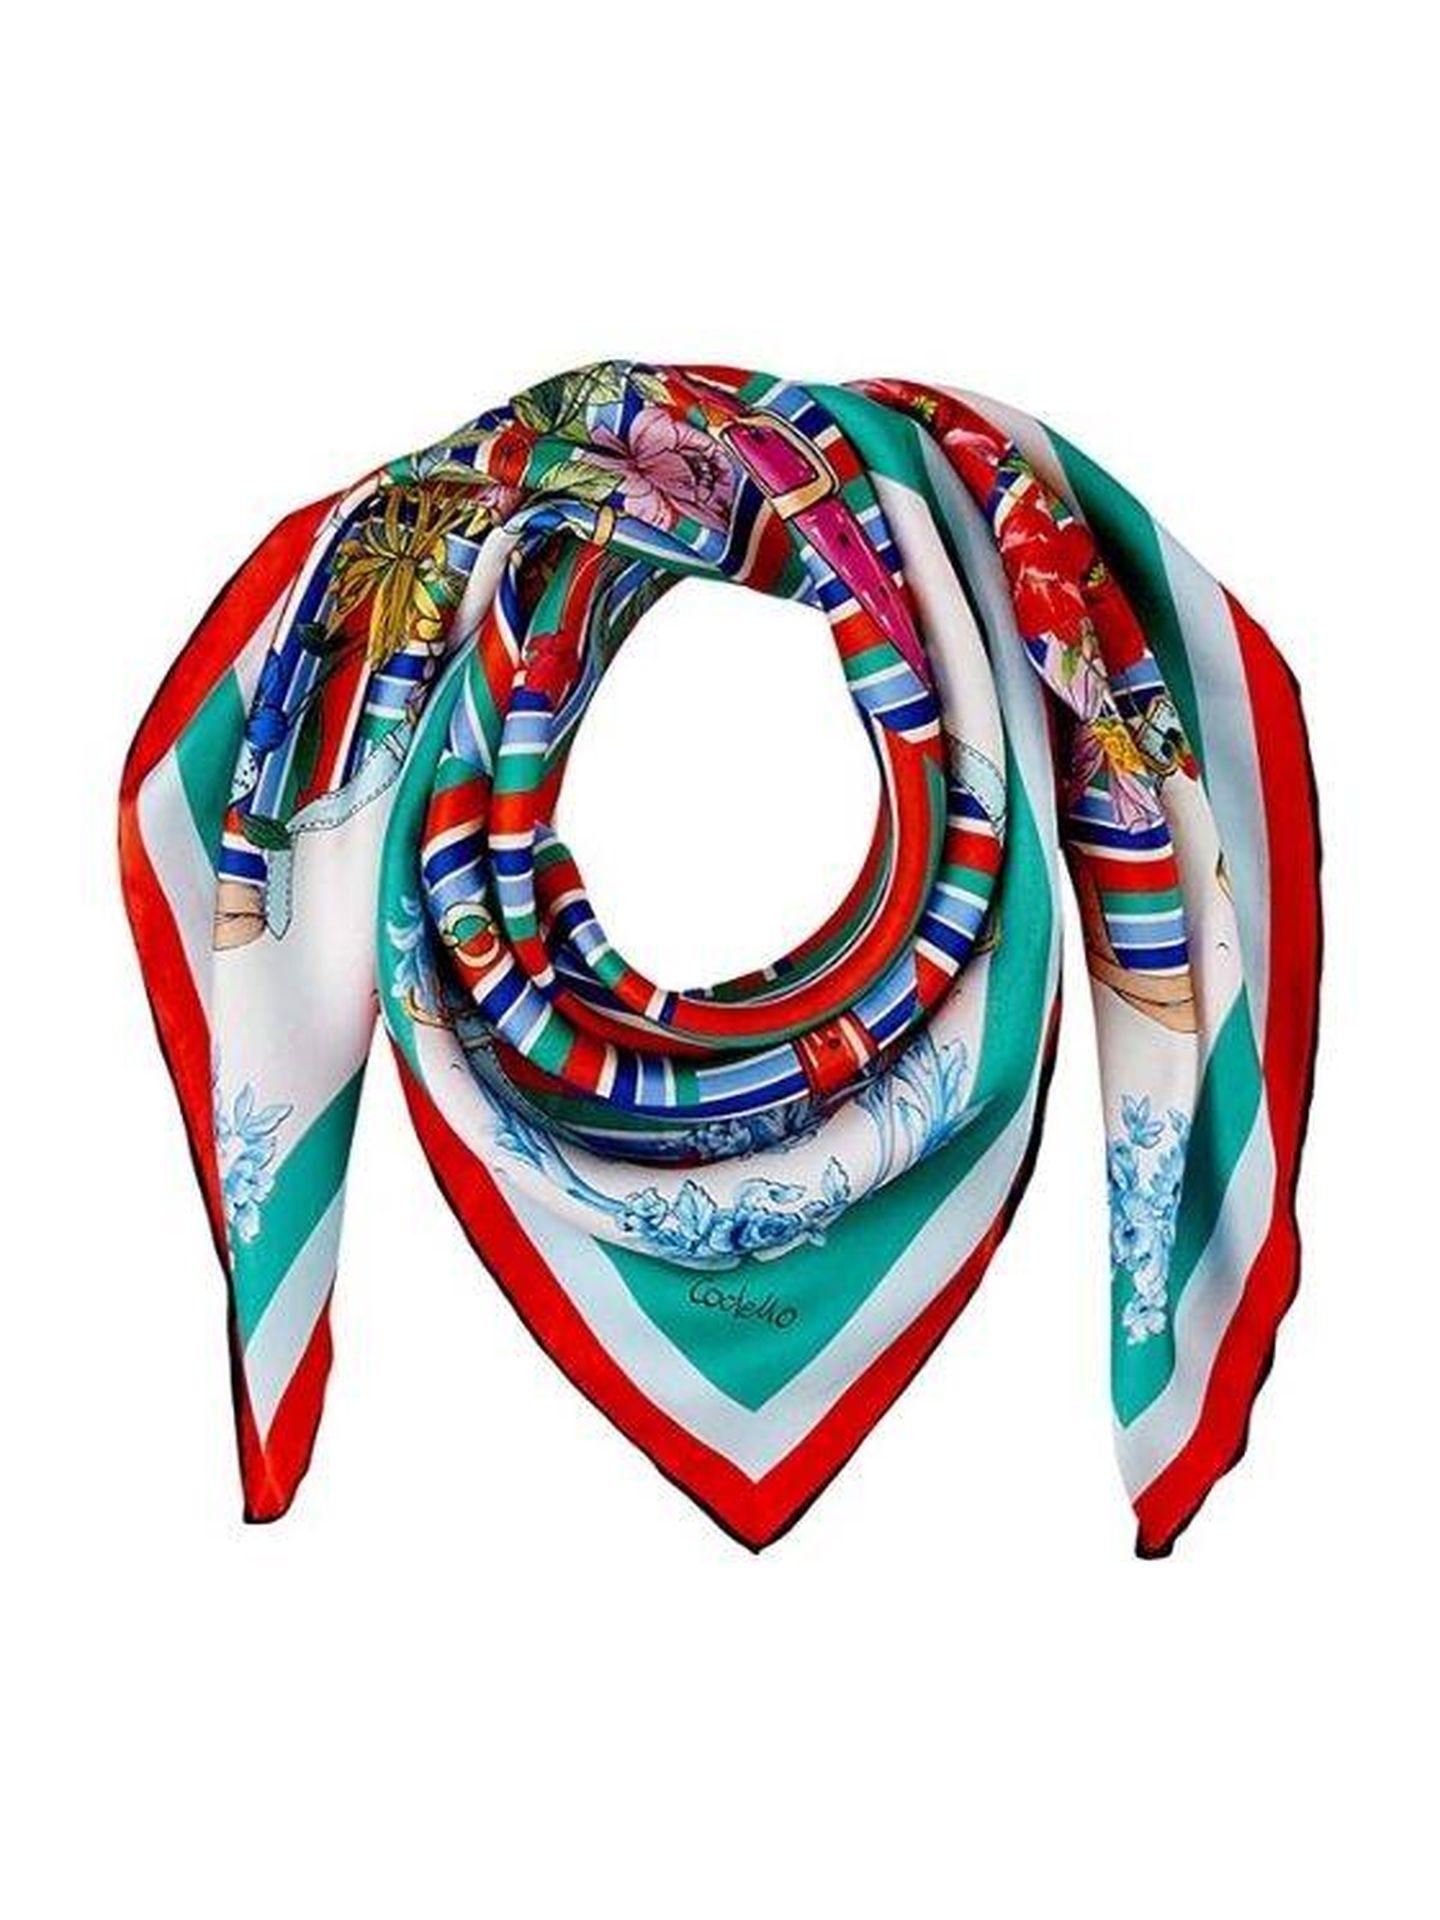 Pañuelo de seda de Codello. (Cortesía)